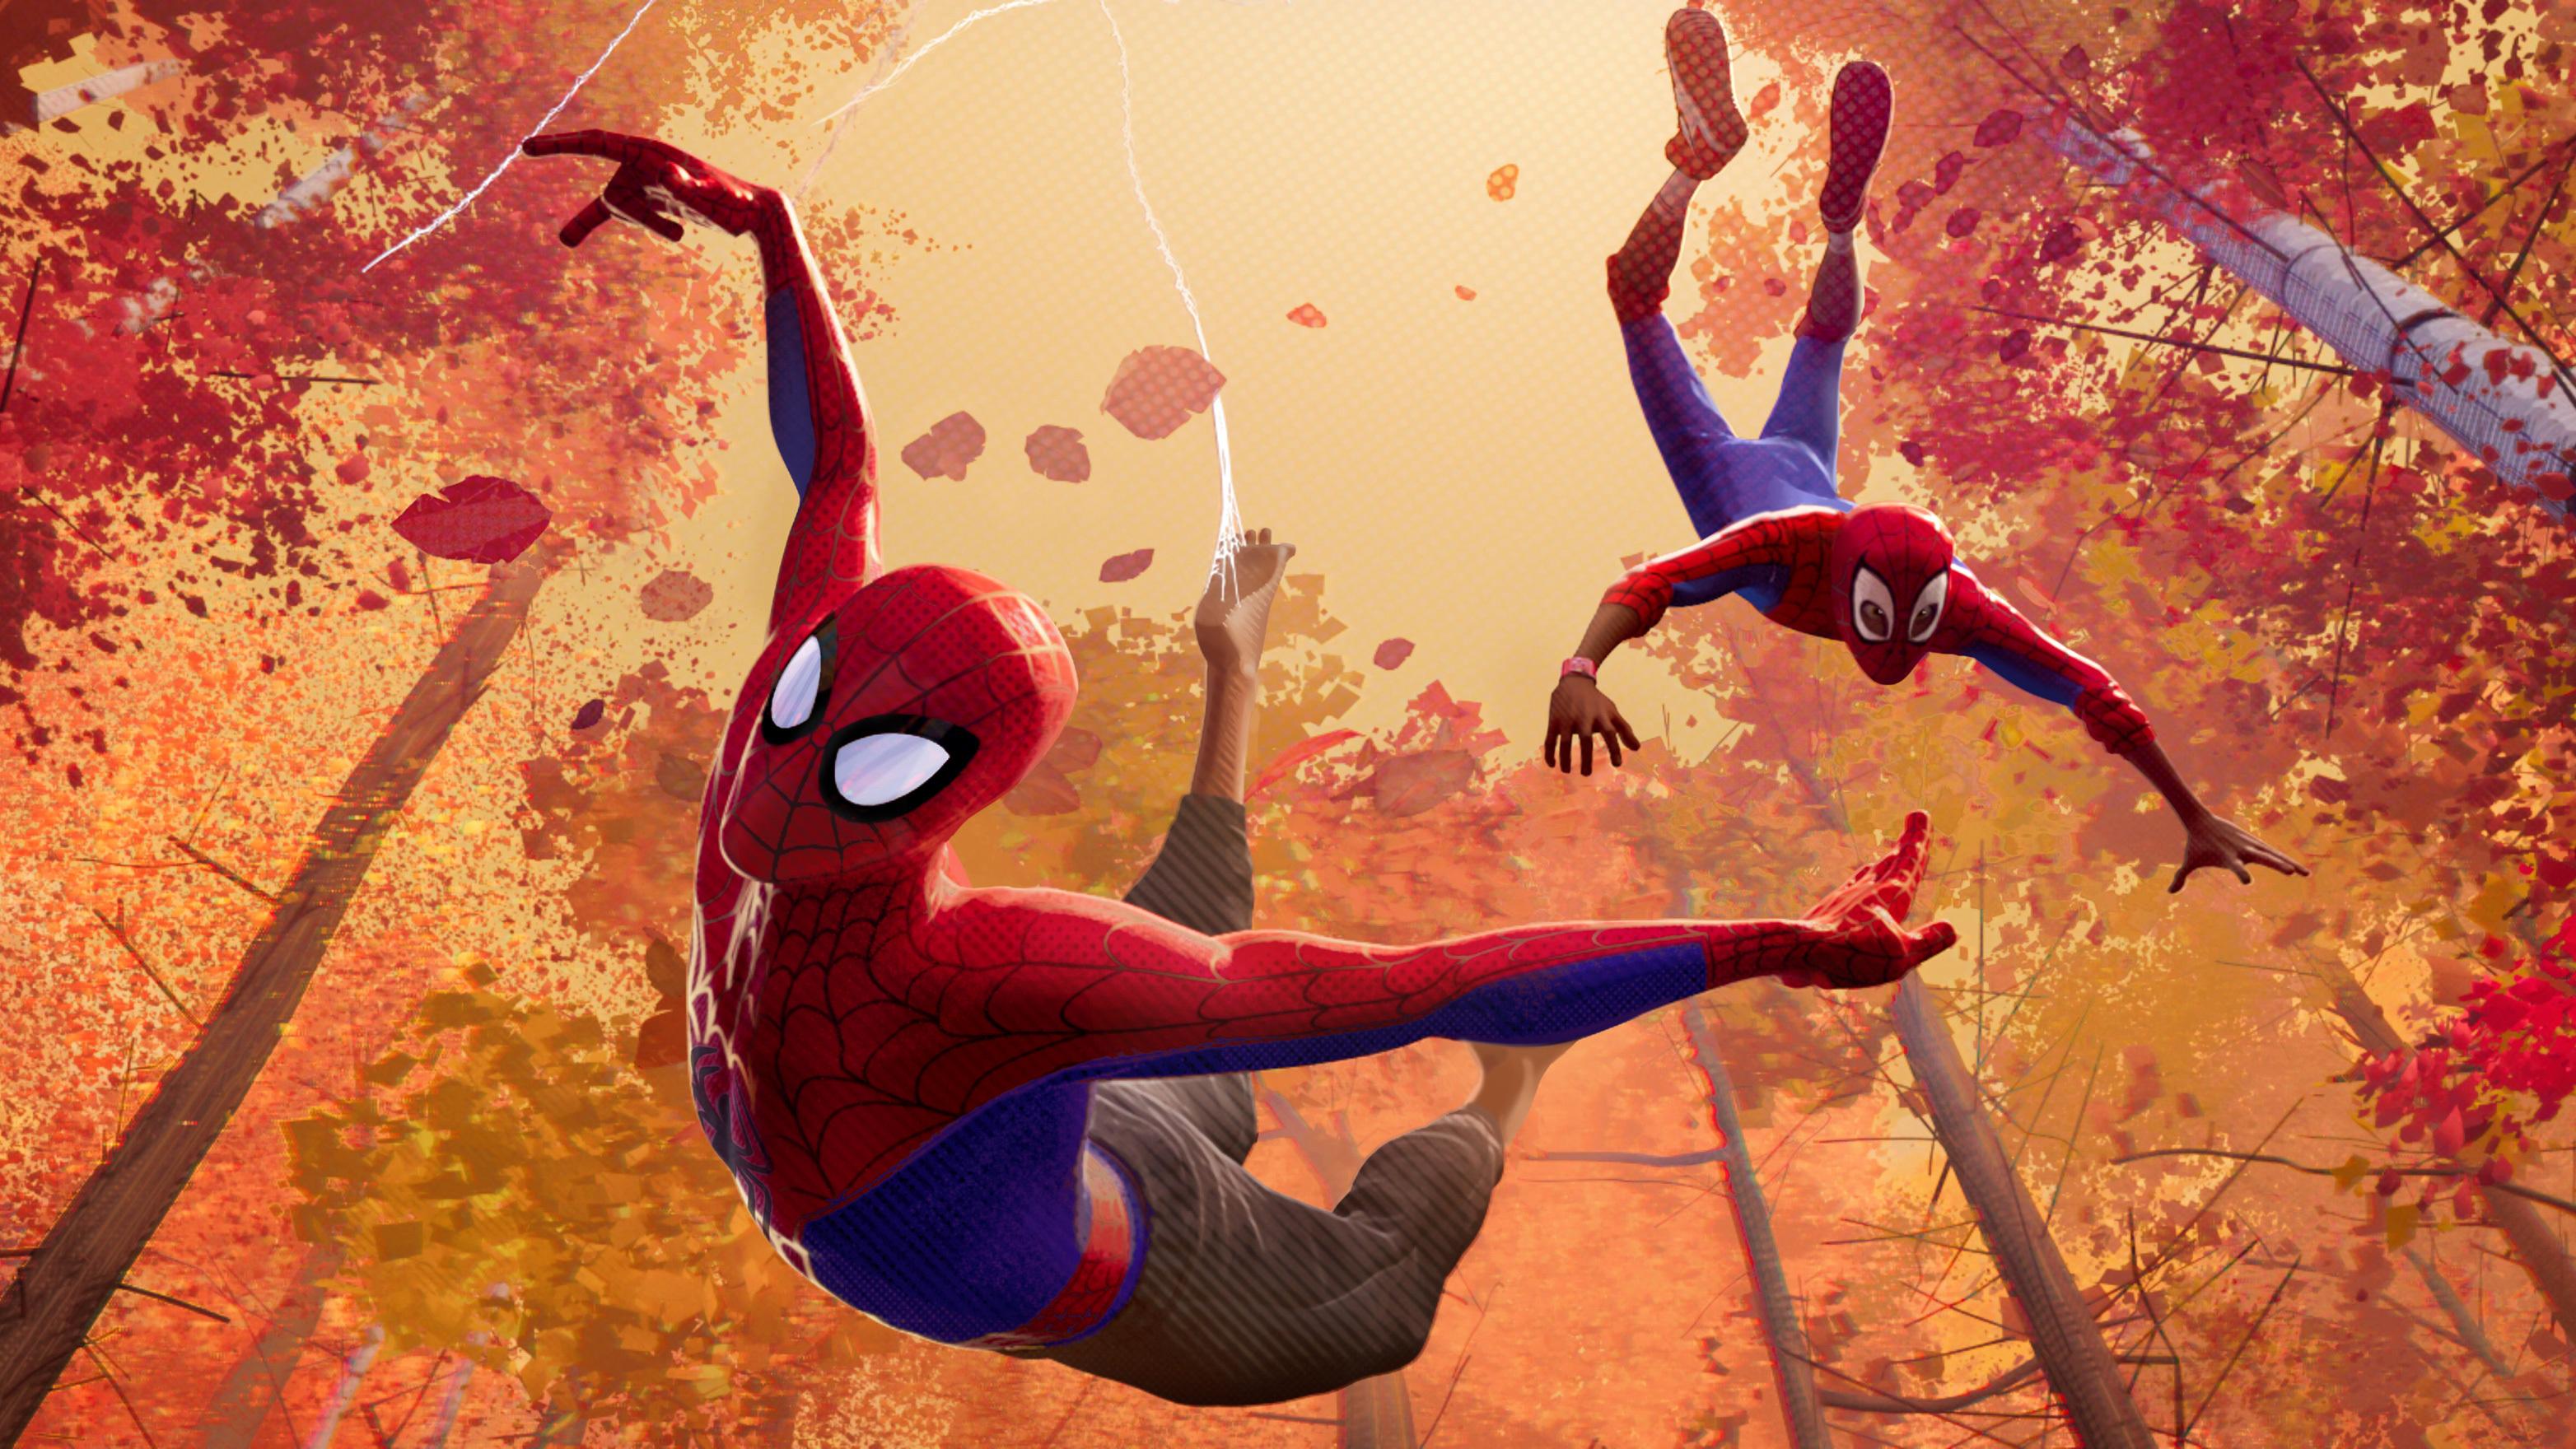 2018 Spider-man Into The Spider Verse Movie, HD 4K Wallpaper